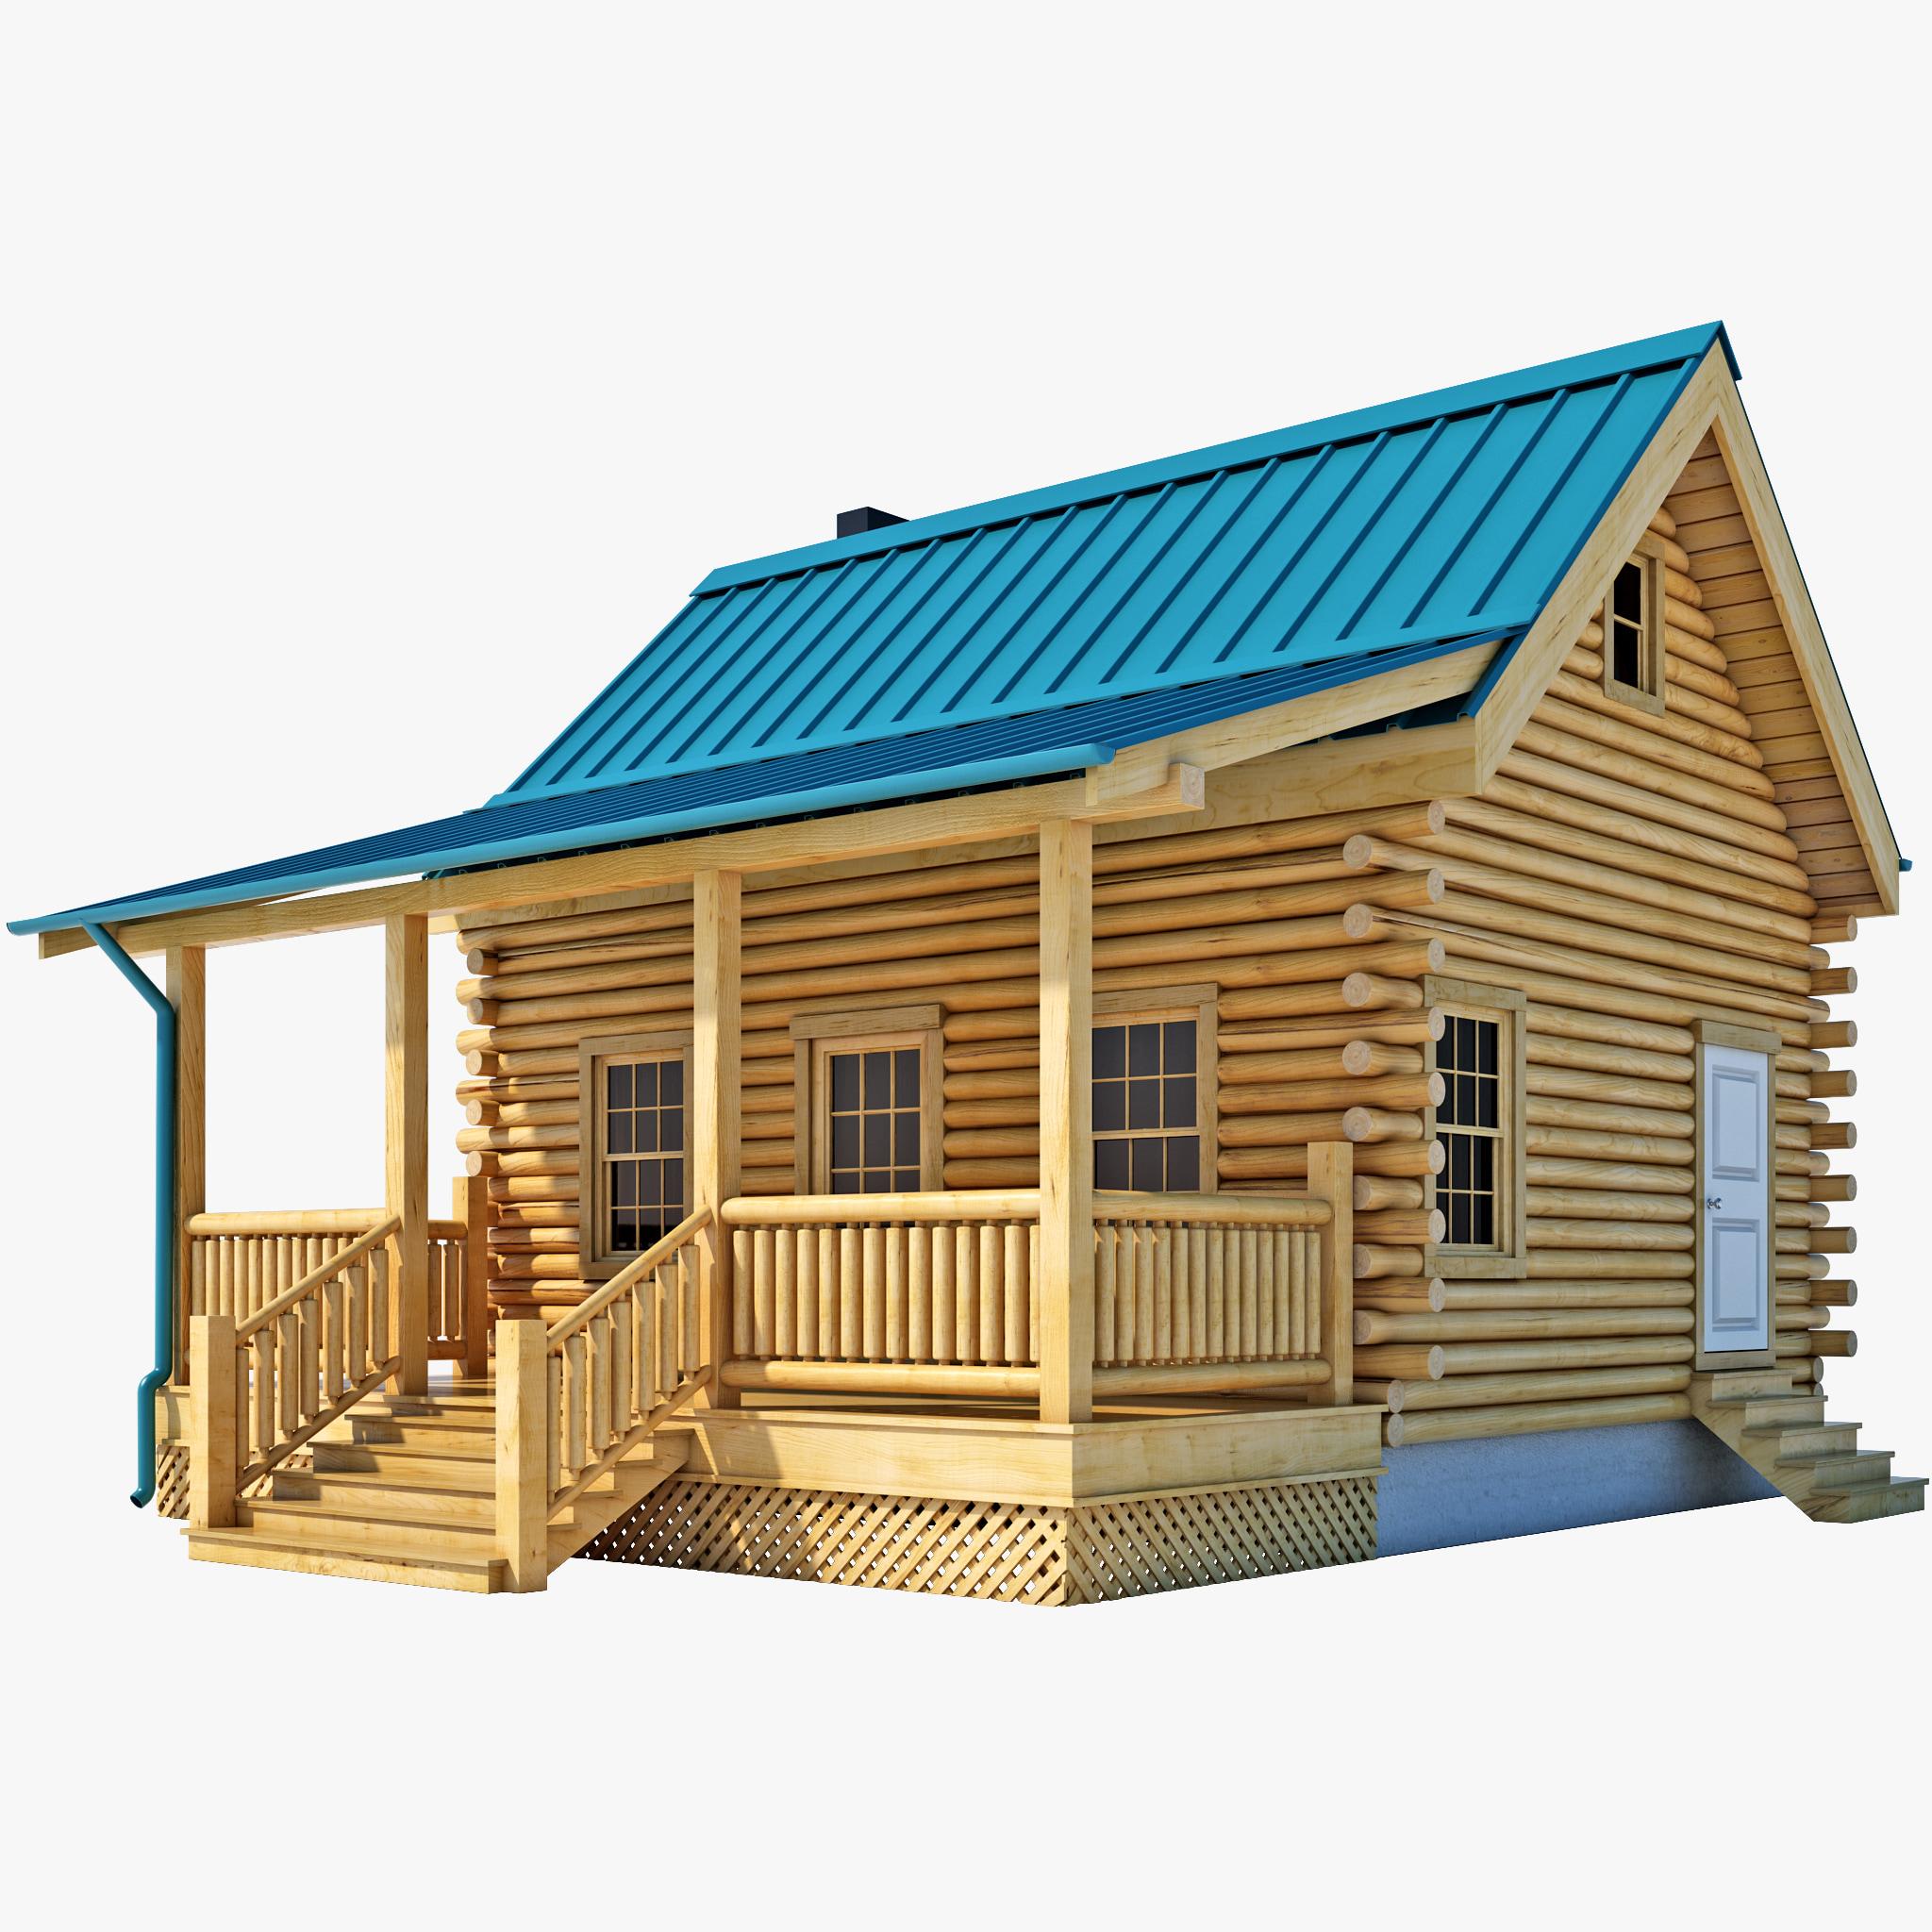 3d Log Cabin House